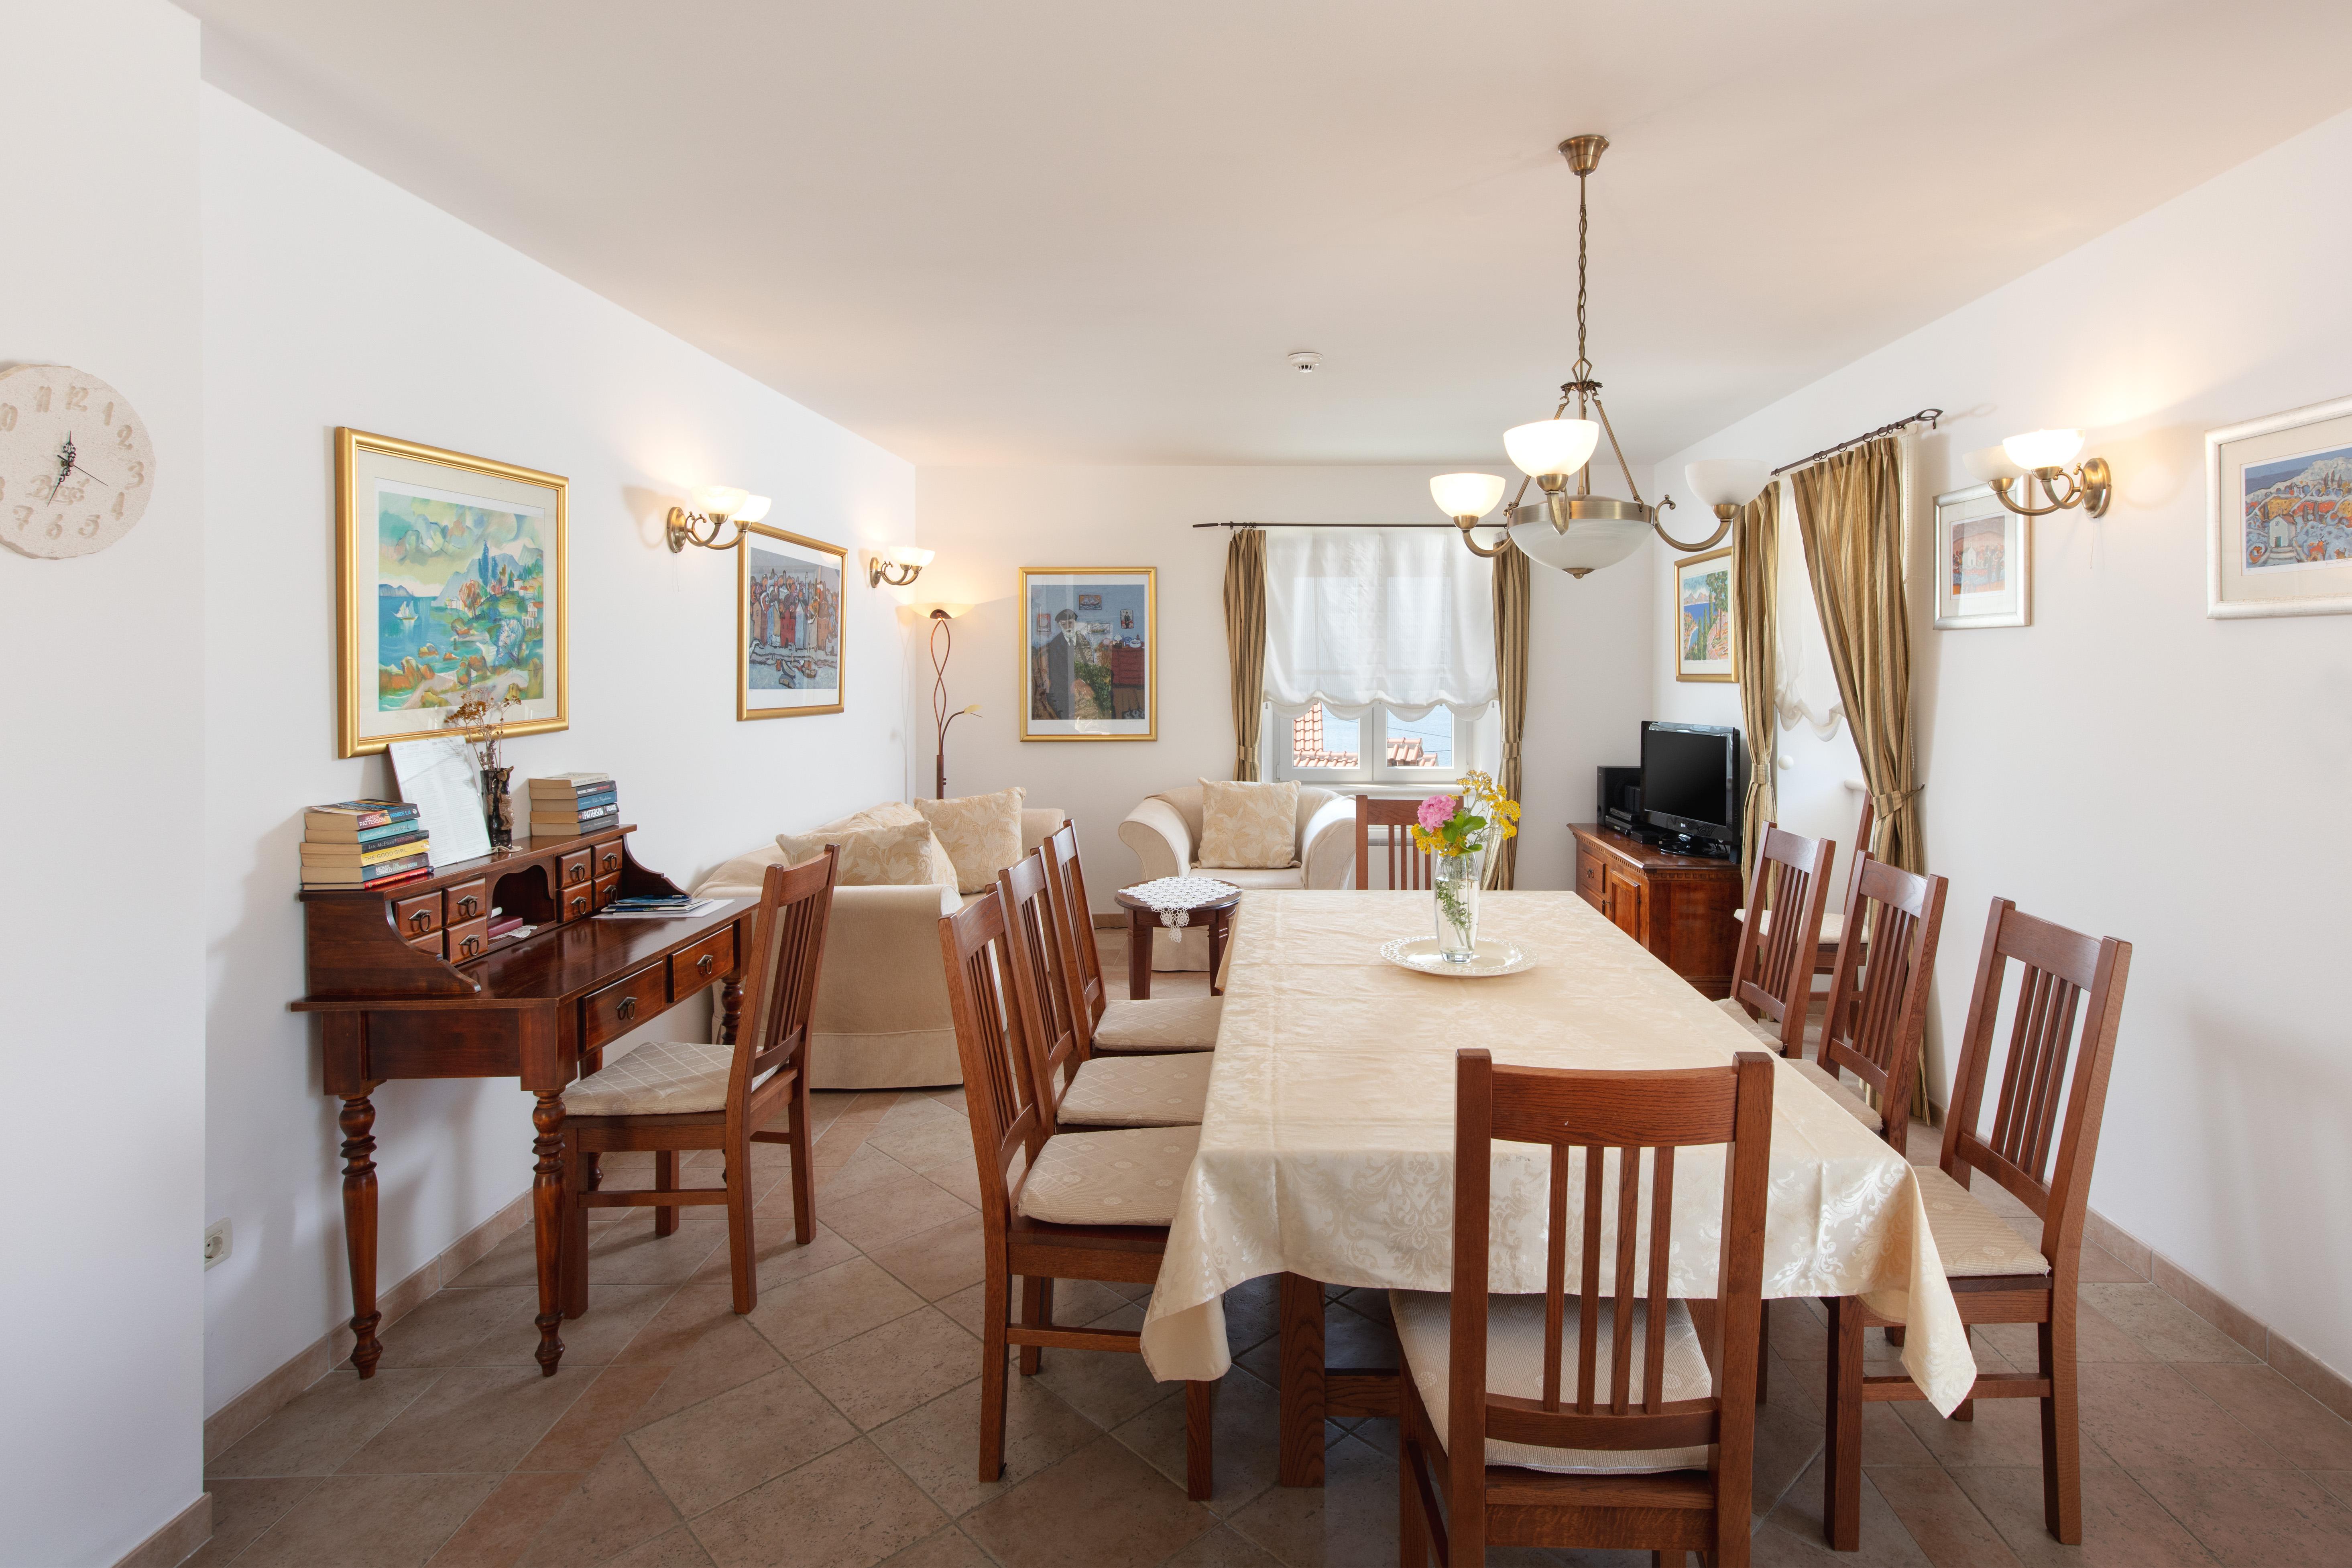 Dining and living room in Villa Mir Vami